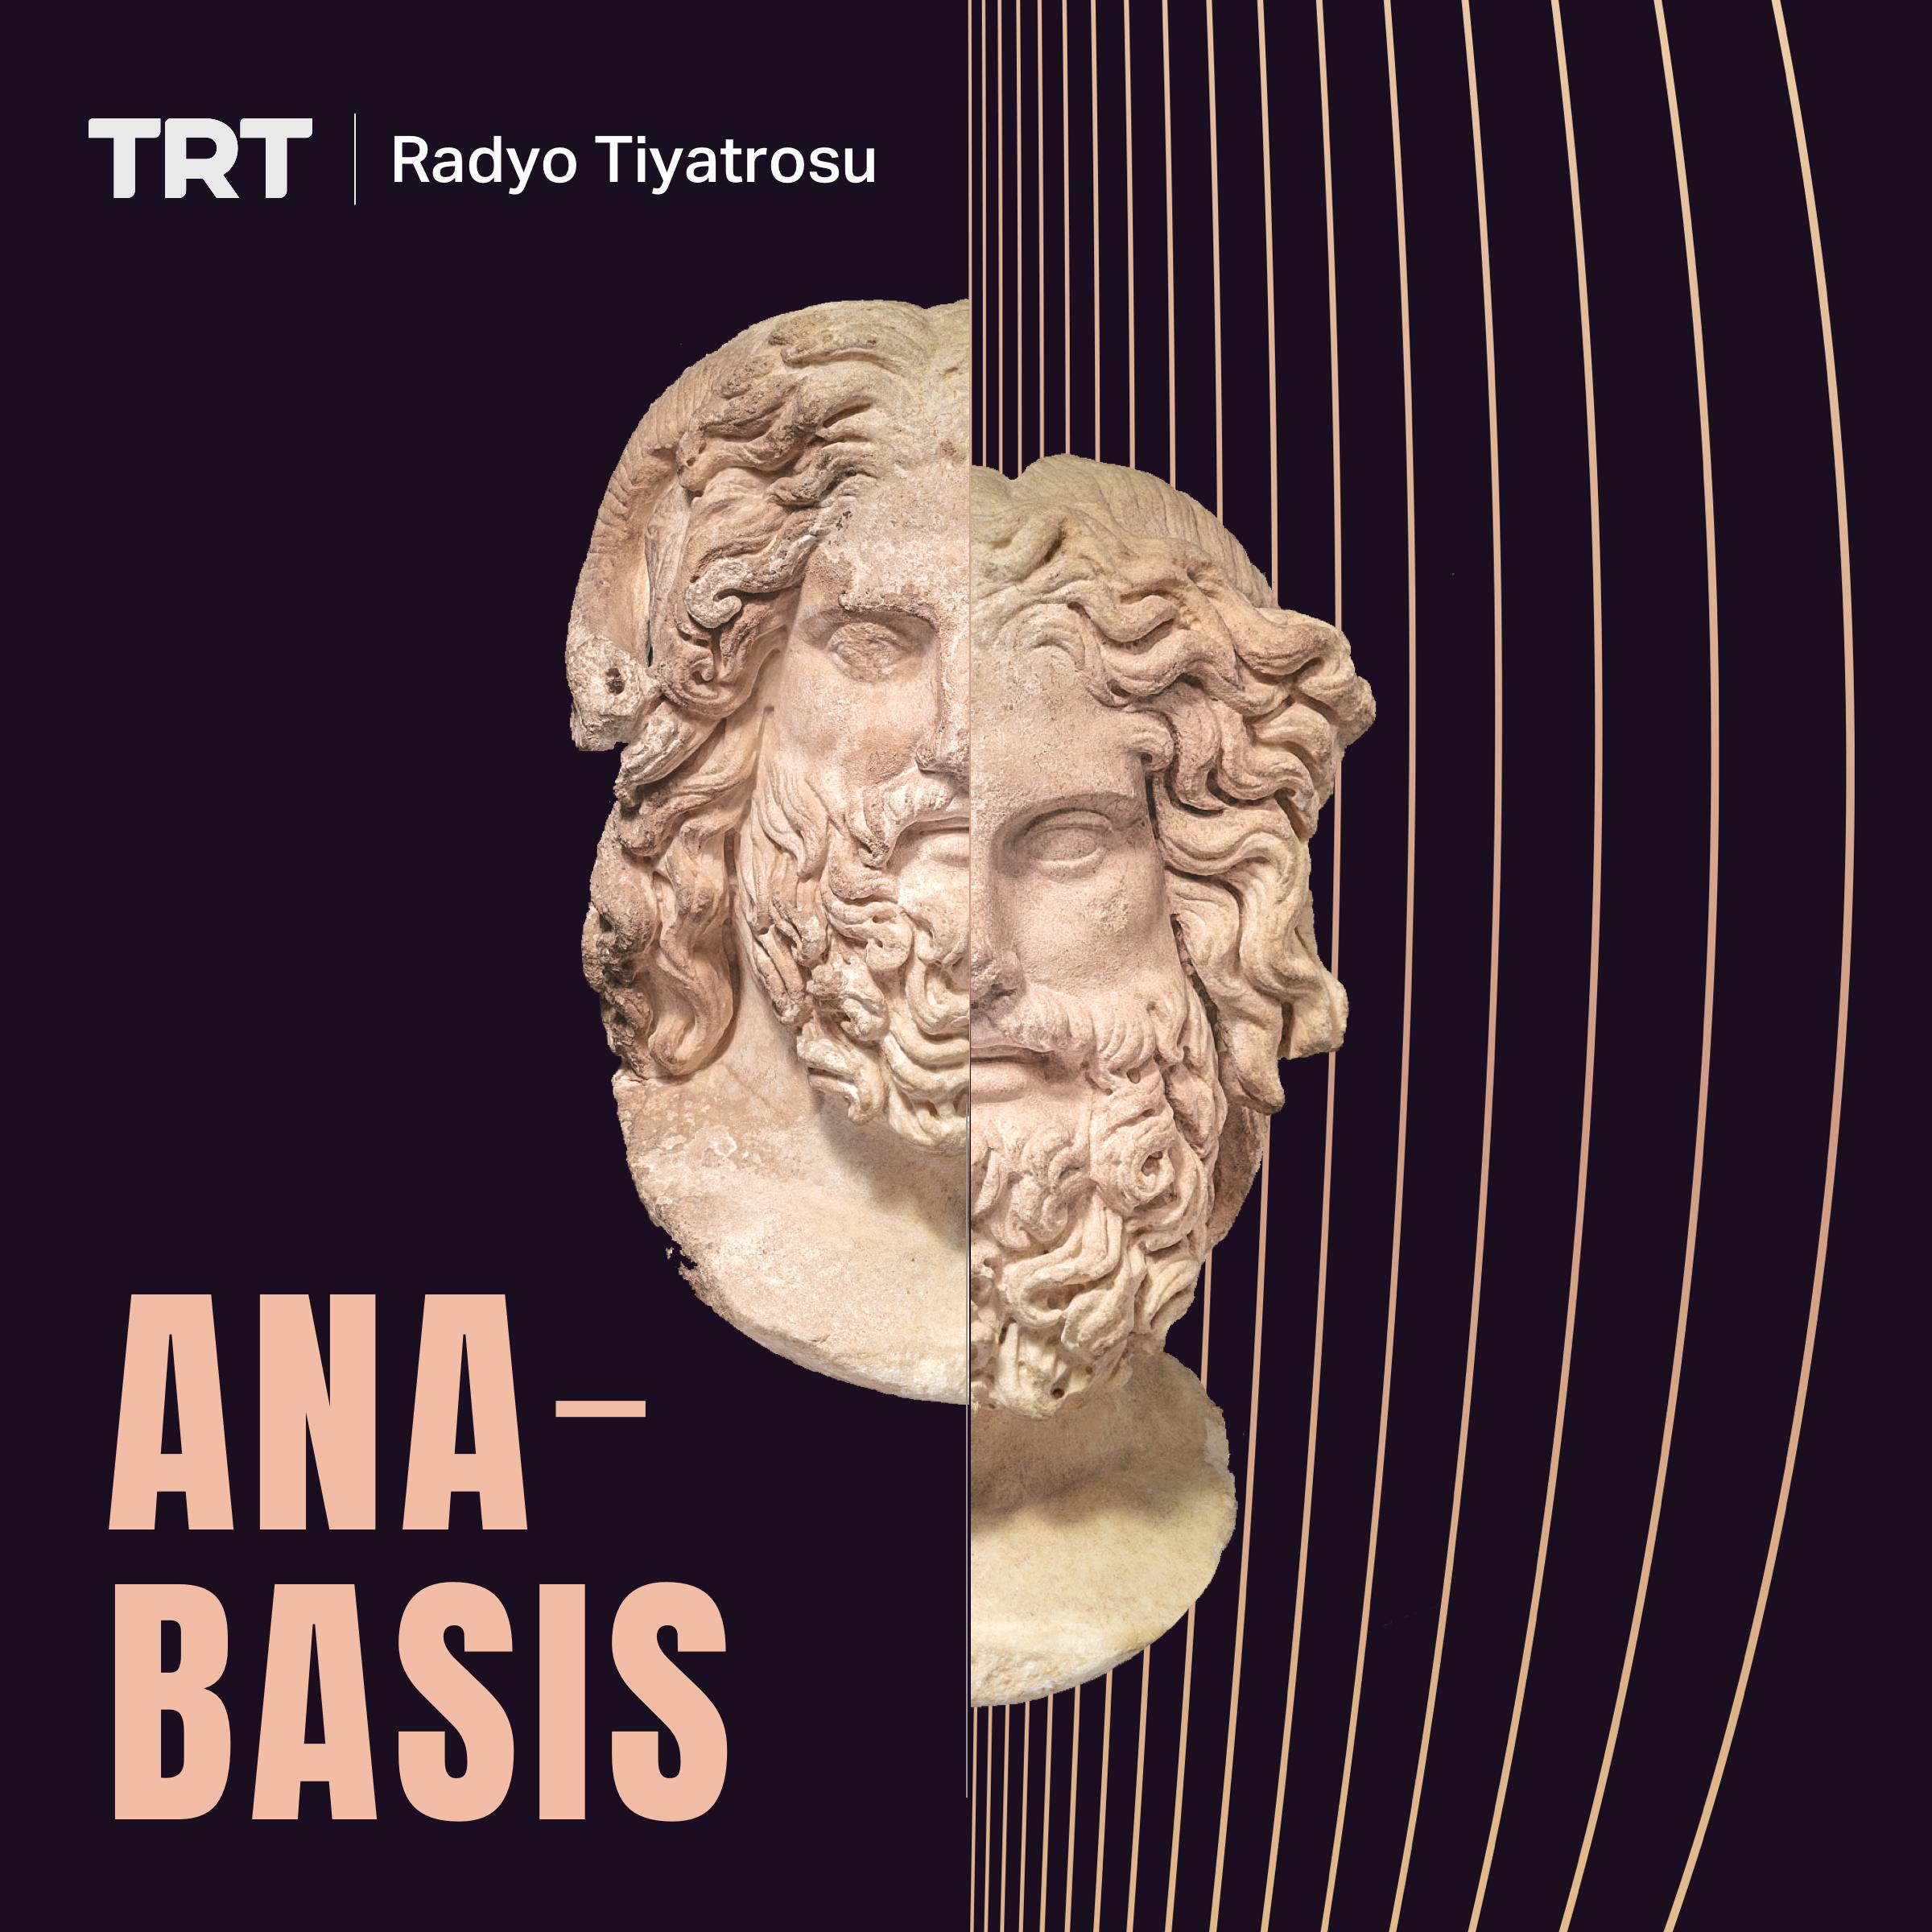 Anabasis - On Binler'in Dönüşü - Xenophon